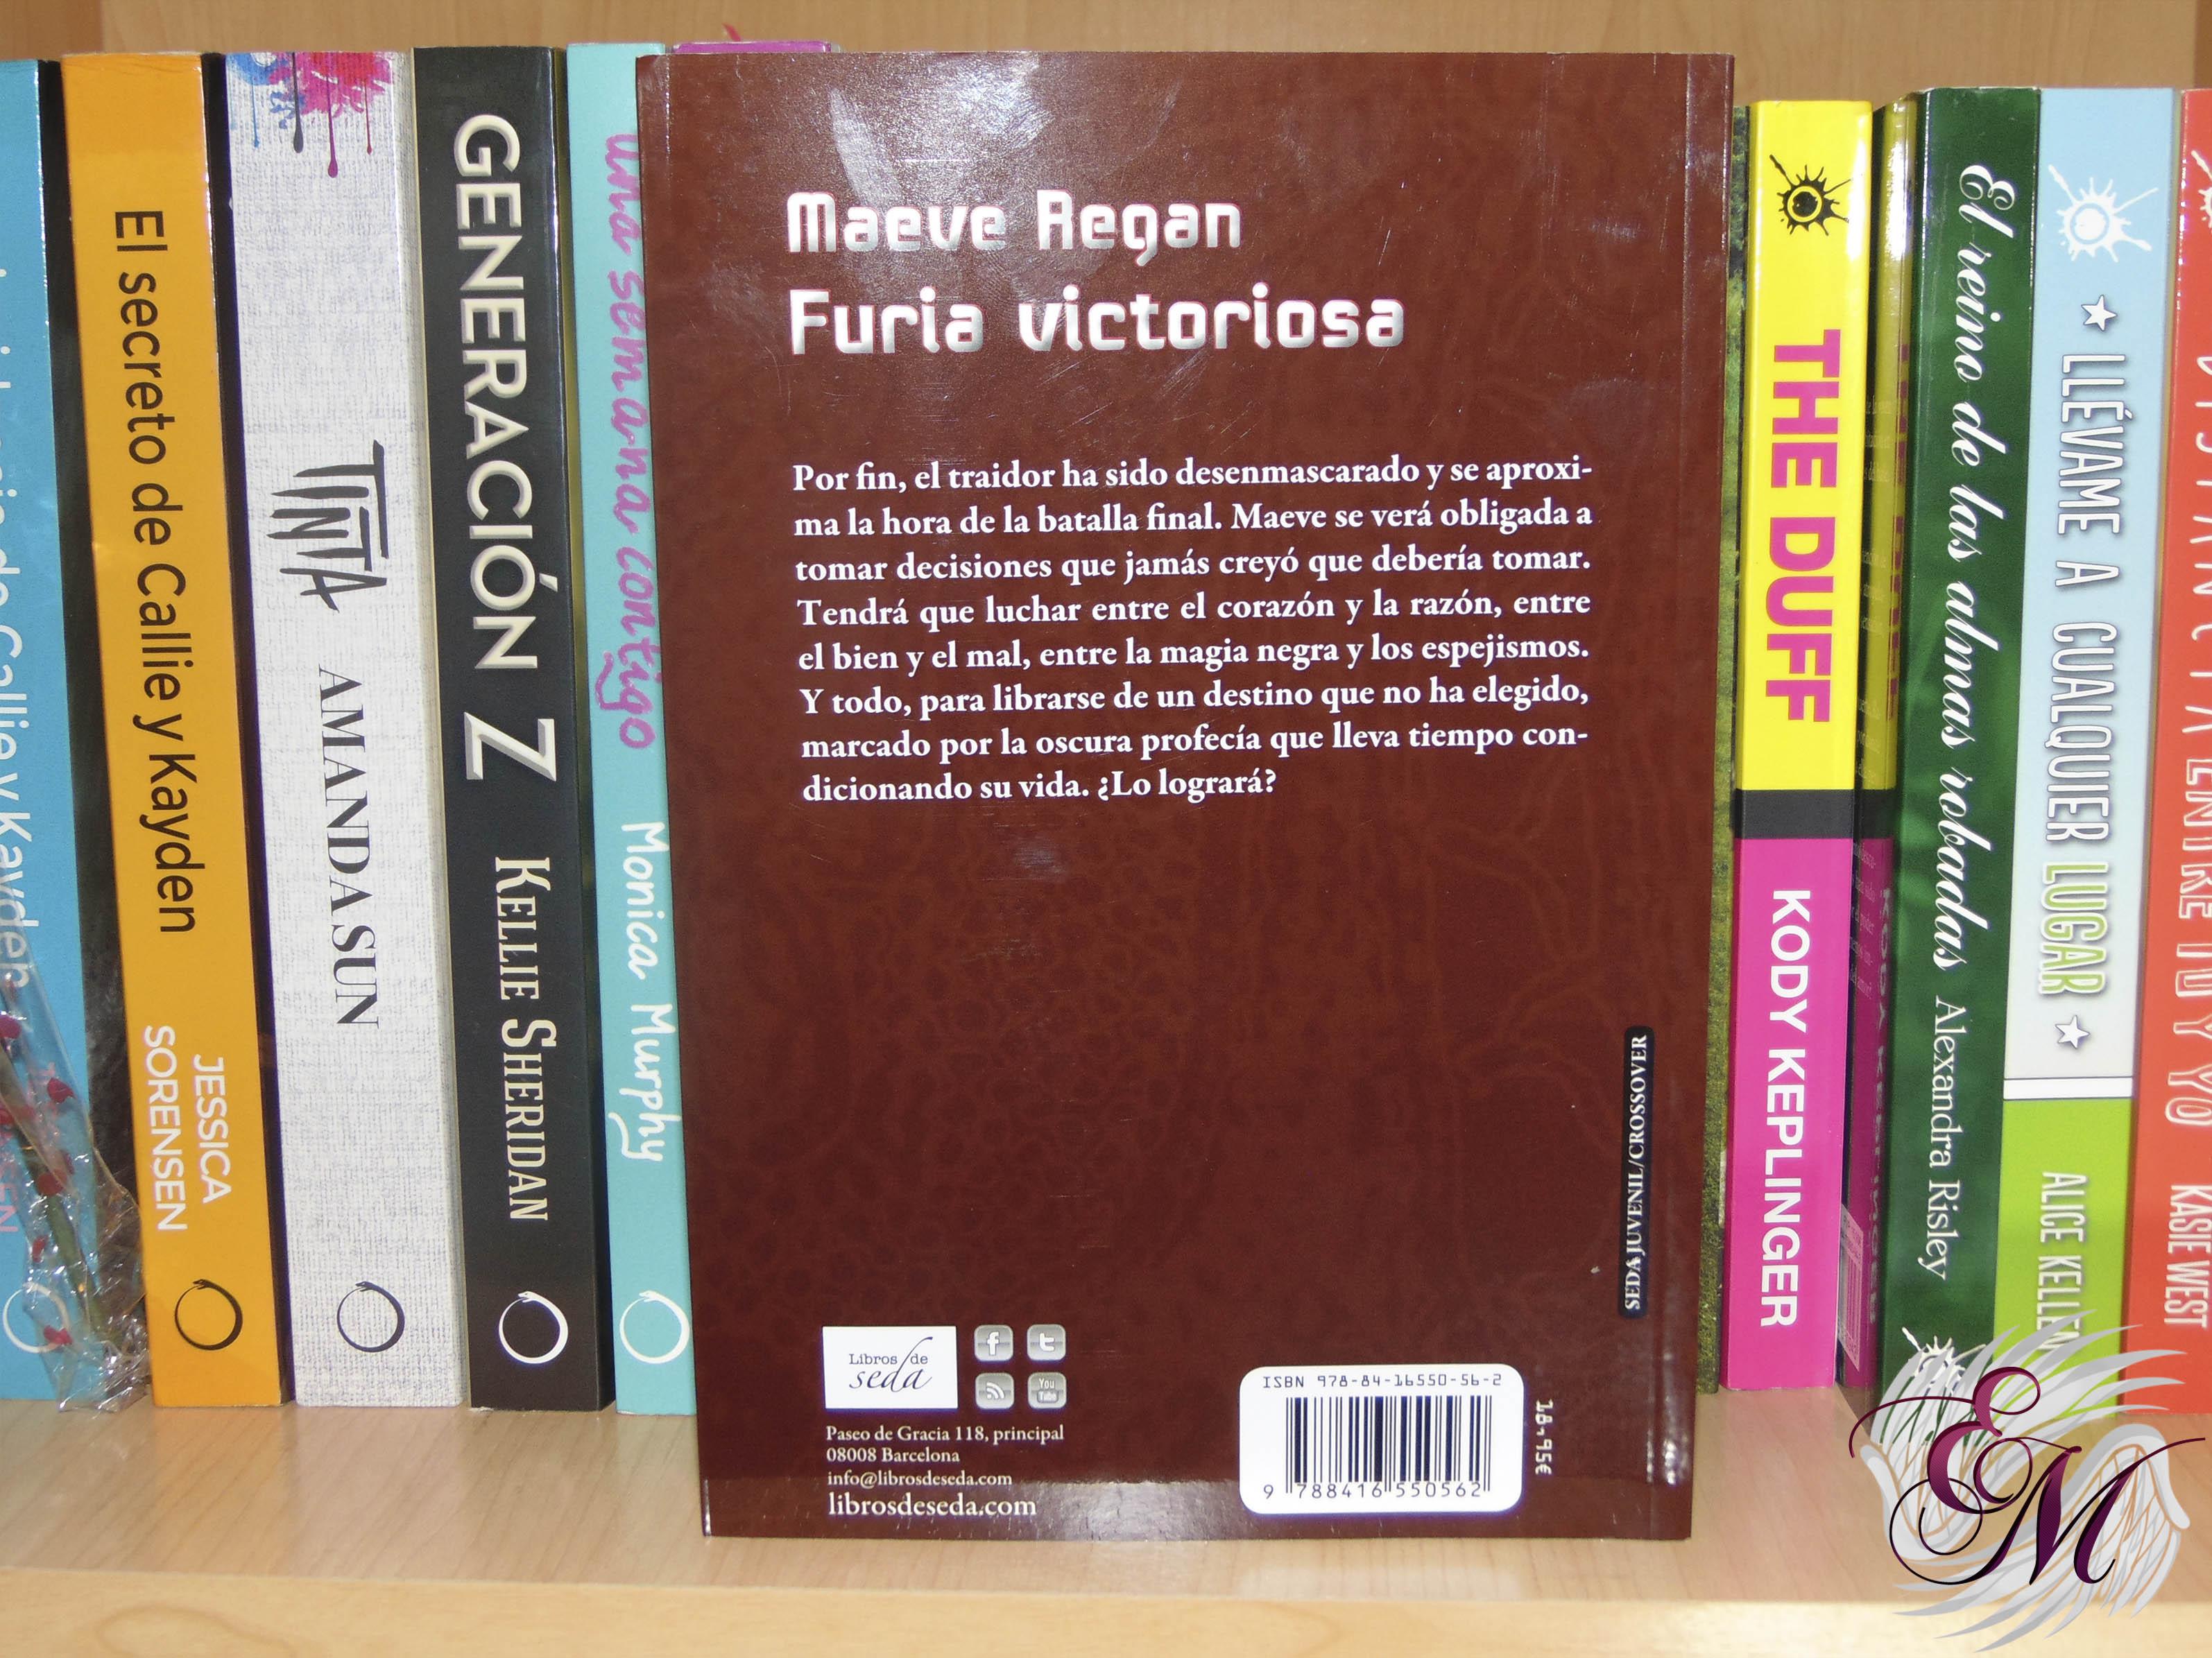 Furia victoriosa, de Marita Gallman - Reseña